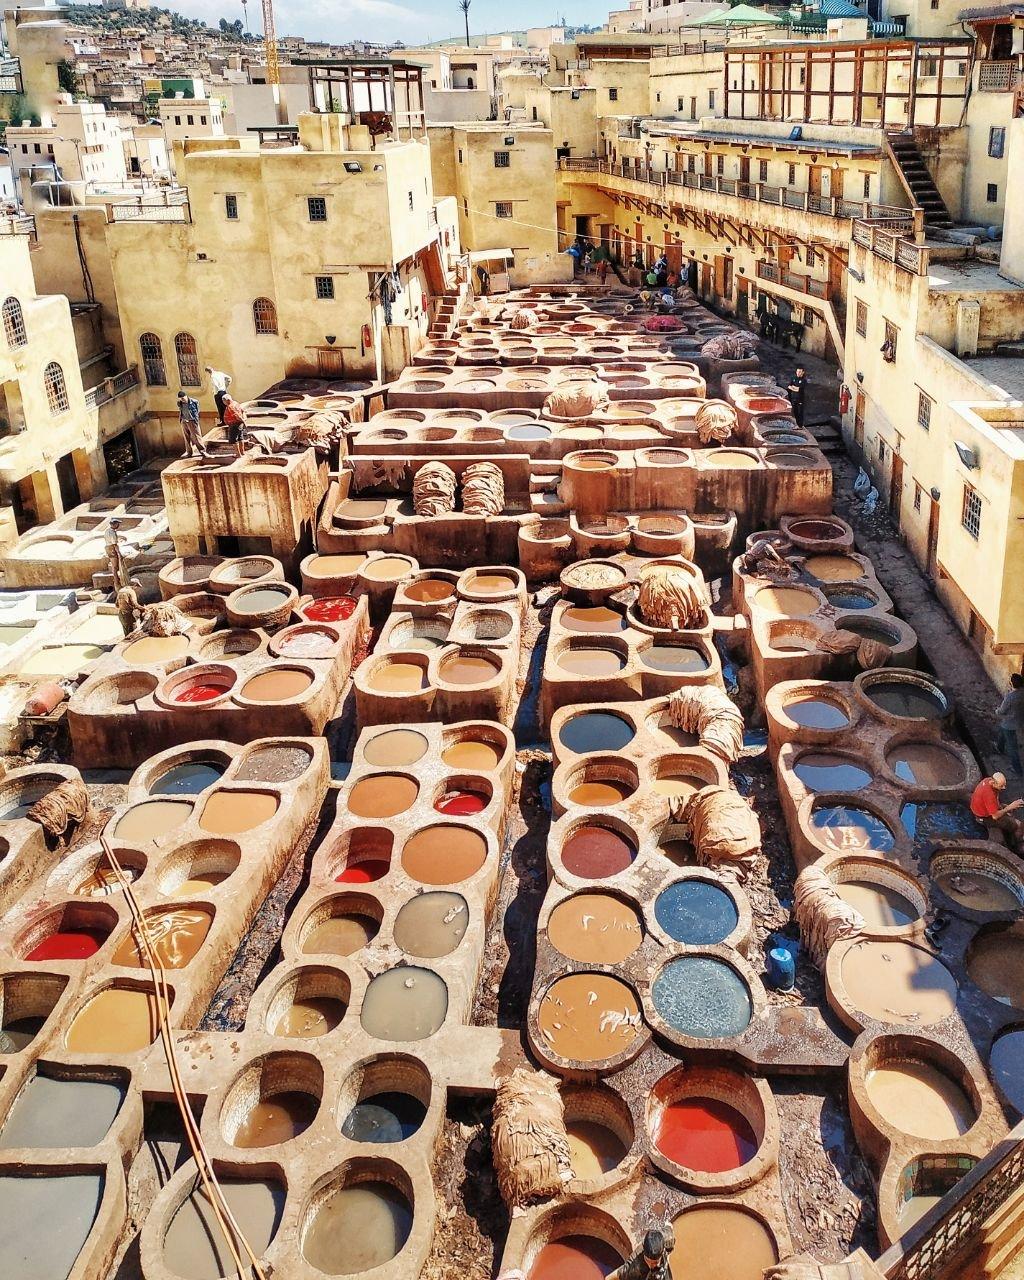 Город роз, персидские дворцы и Медина. Как харьковчанка провела две недели в Иране и Марокко, - ФОТО, фото-19